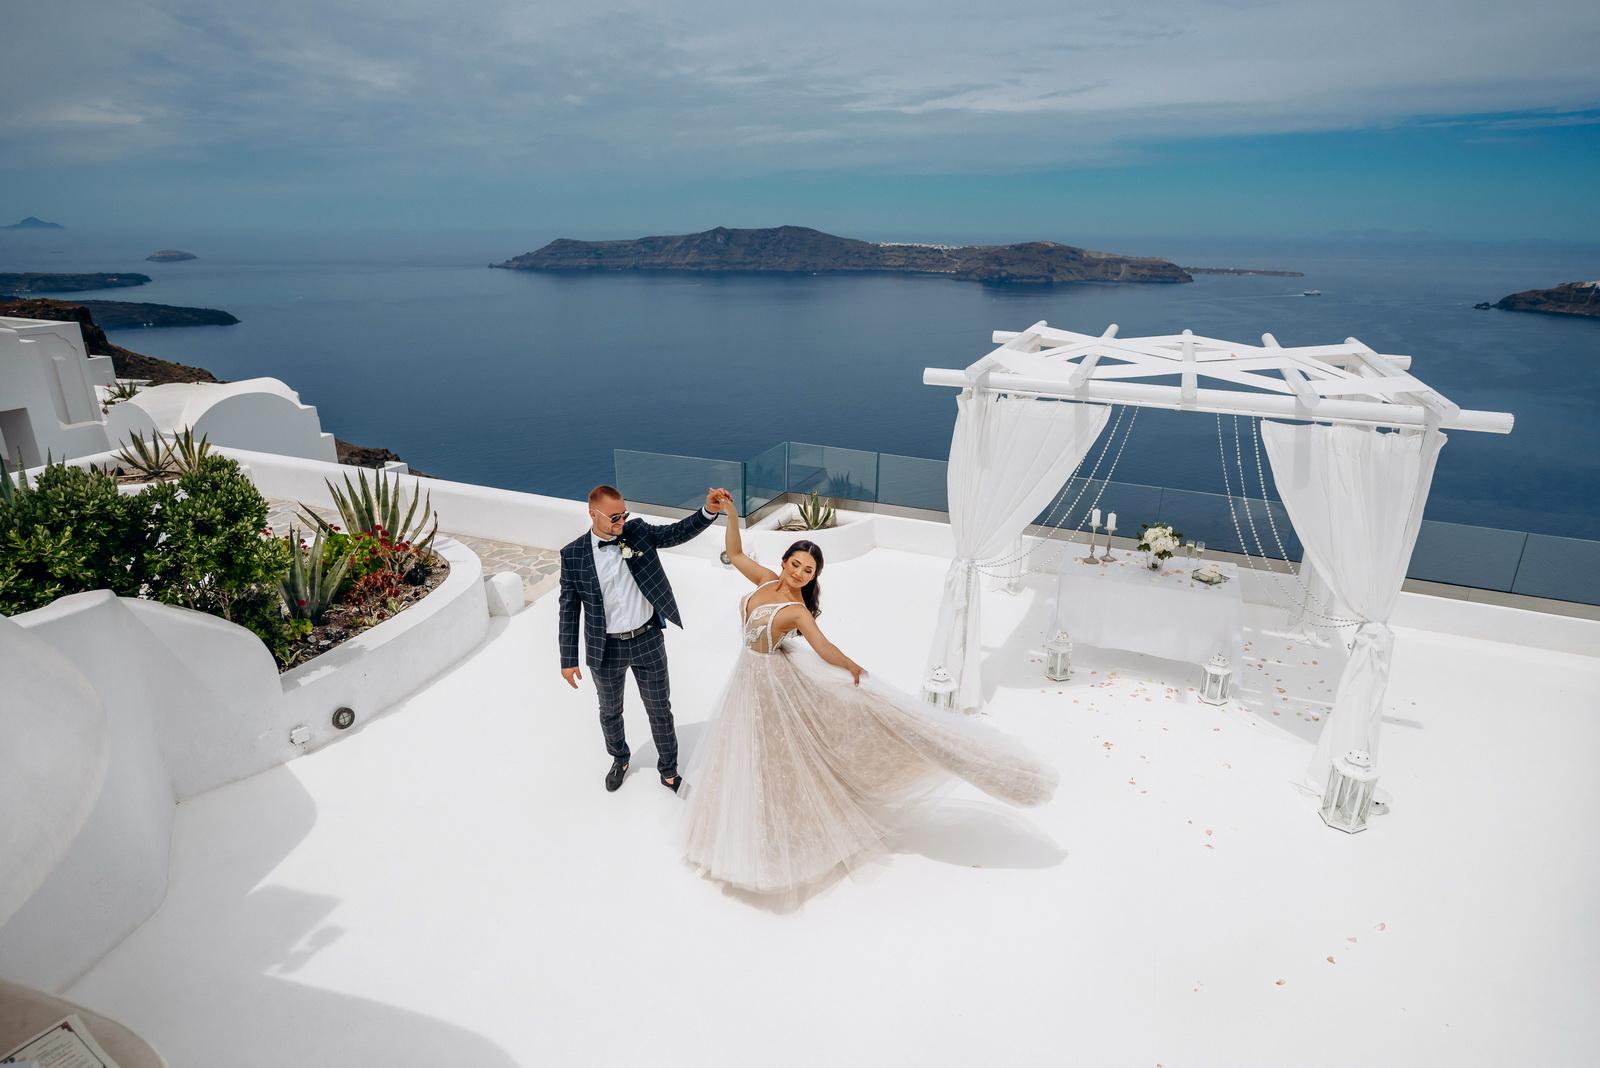 Александра и Евгений: свадьба на санторини, свадебное агентство Julia Veselova - Фото 12